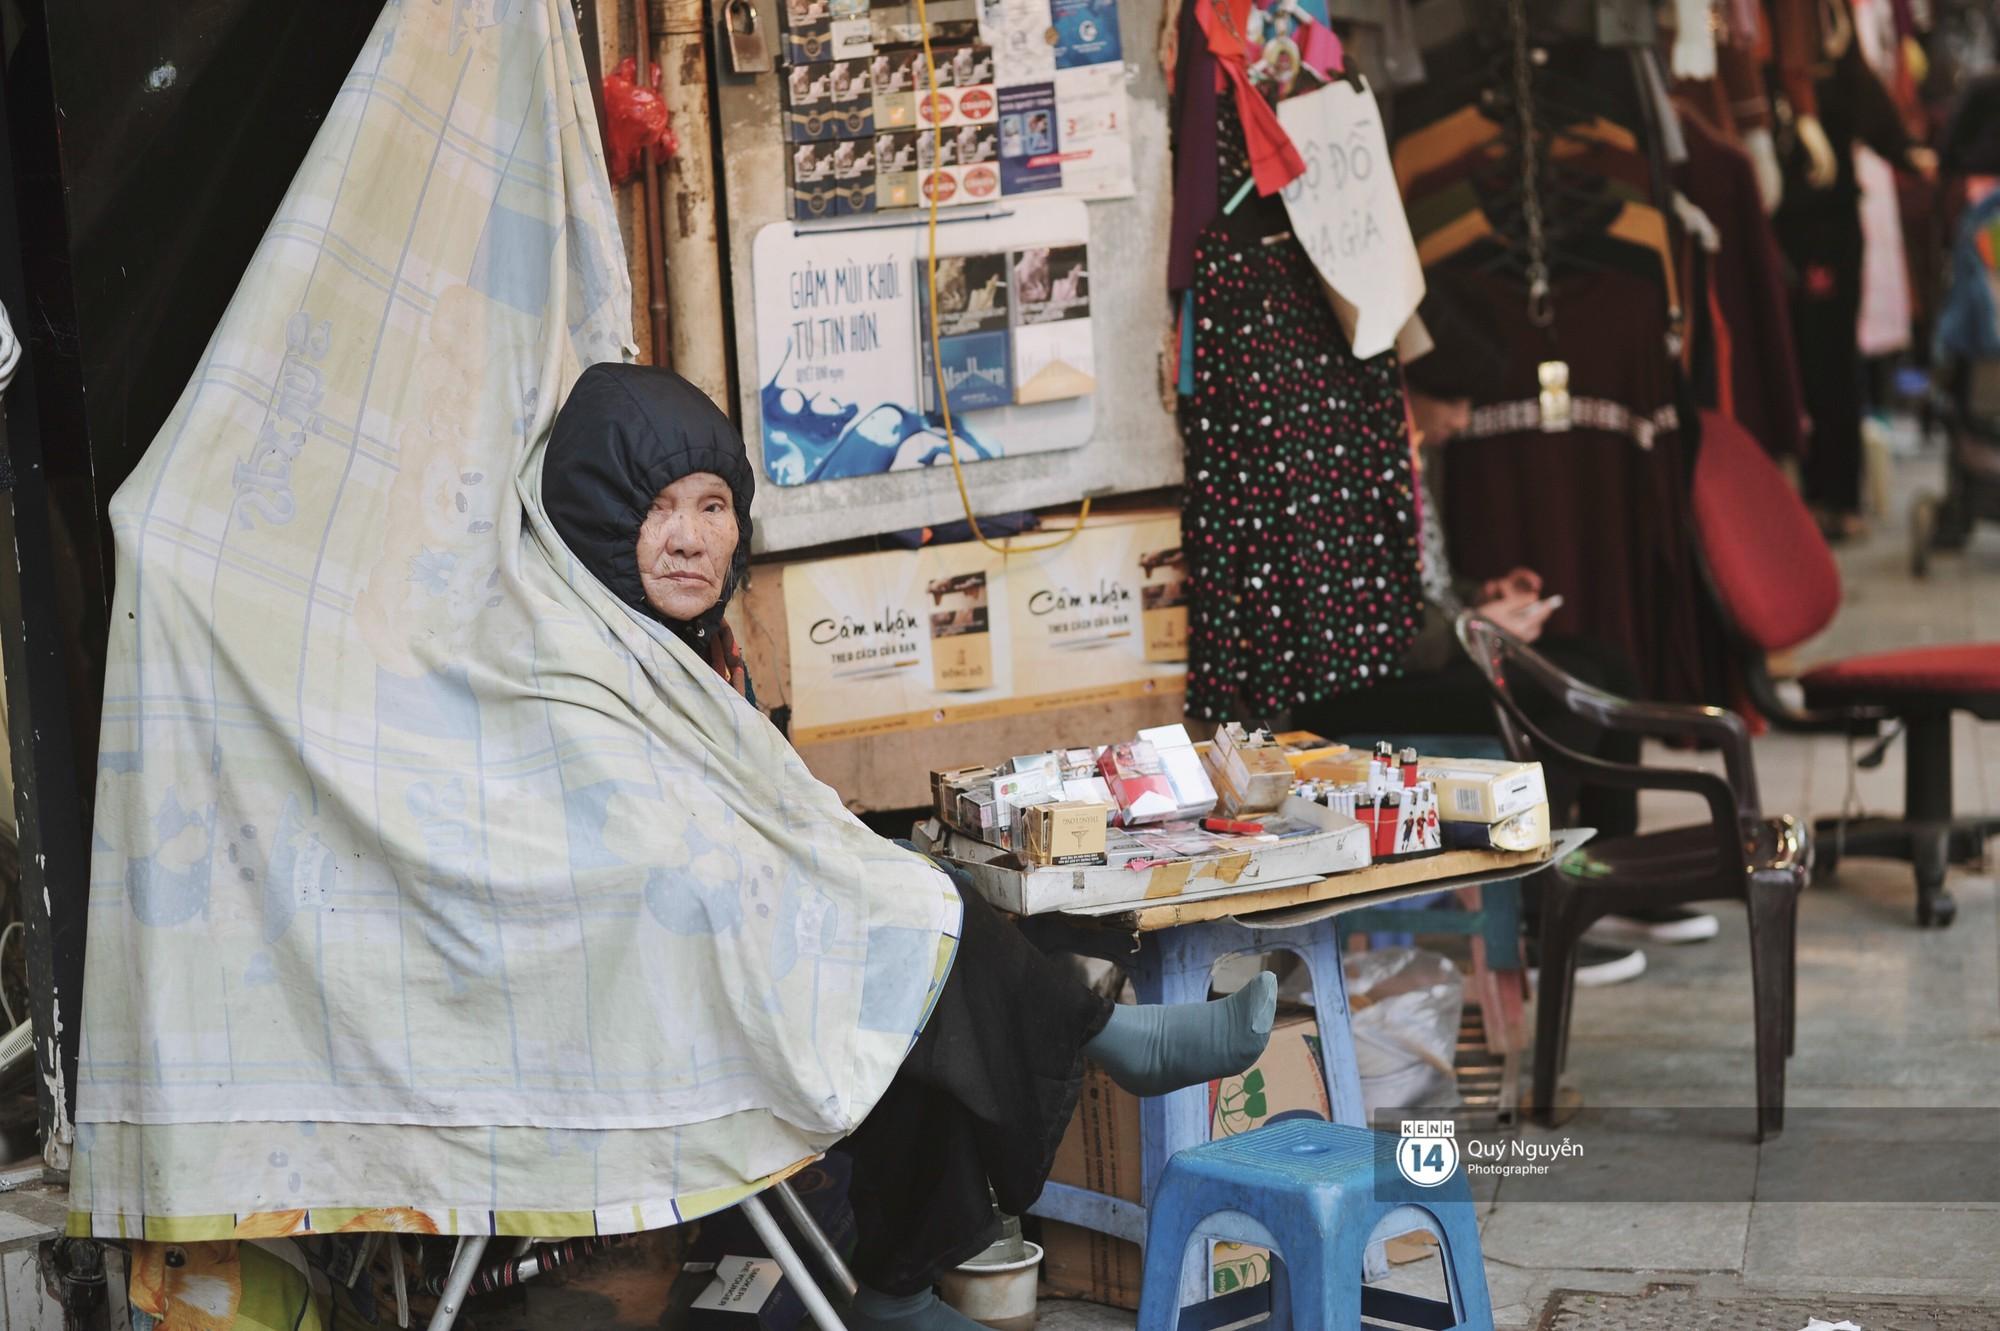 Chùm ảnh: Hà Nội giá rét 10 độ, một chiếc thùng carton hay manh áo mưa cũng khiến người lao động nghèo ấm hơn - Ảnh 2.